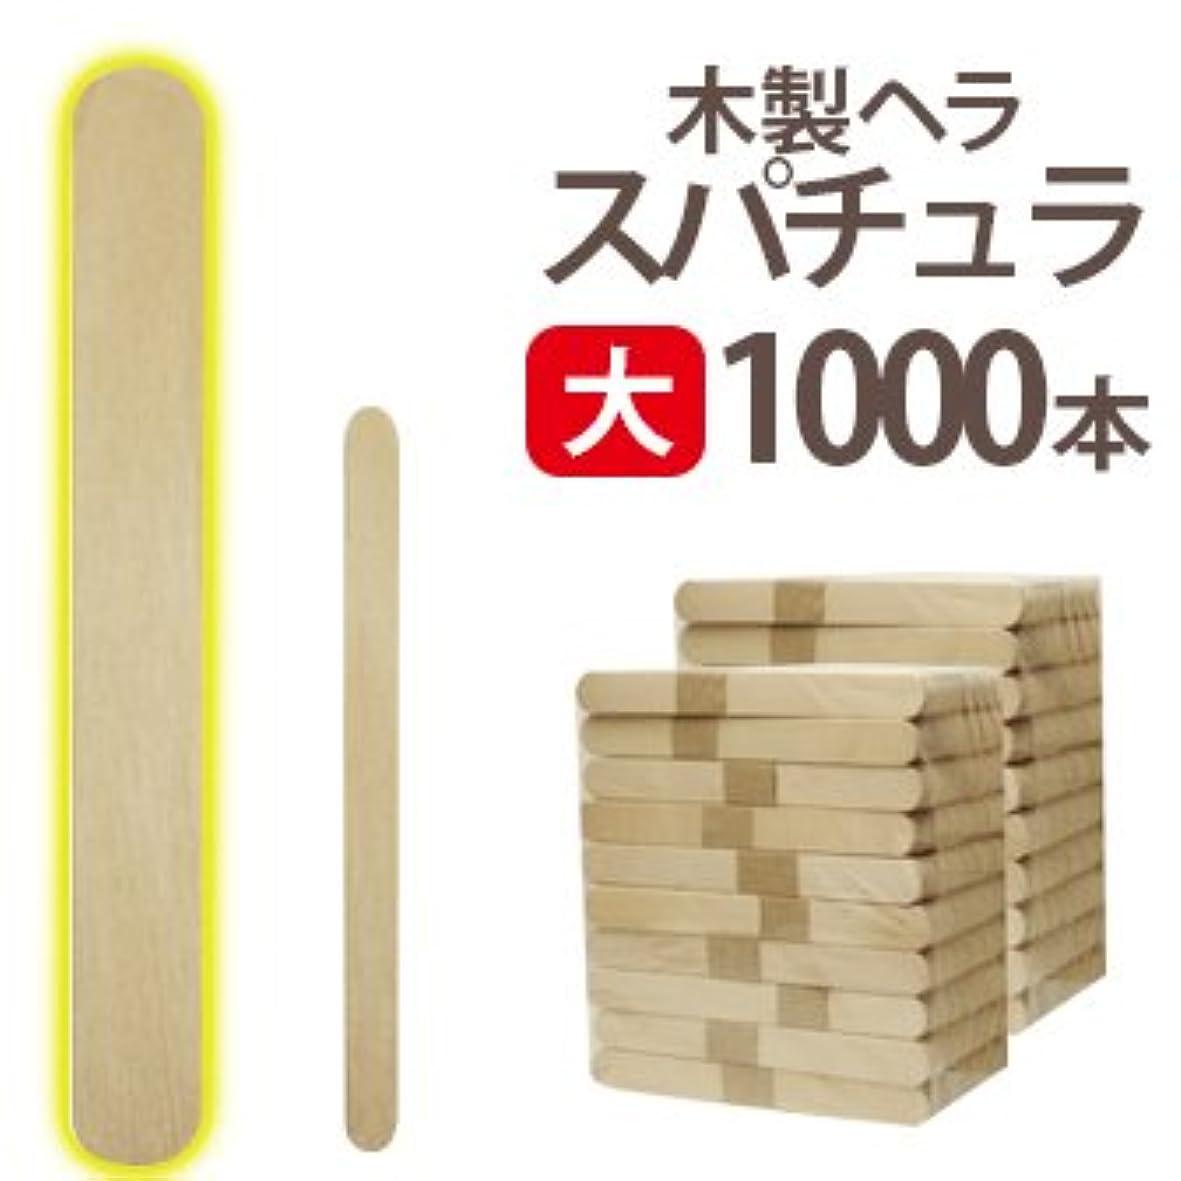 粘着性シャックル辛い大 ブラジリアンワックス 業務用1000本 スパチュラ Aタイプ(個別梱包なし 150×16)